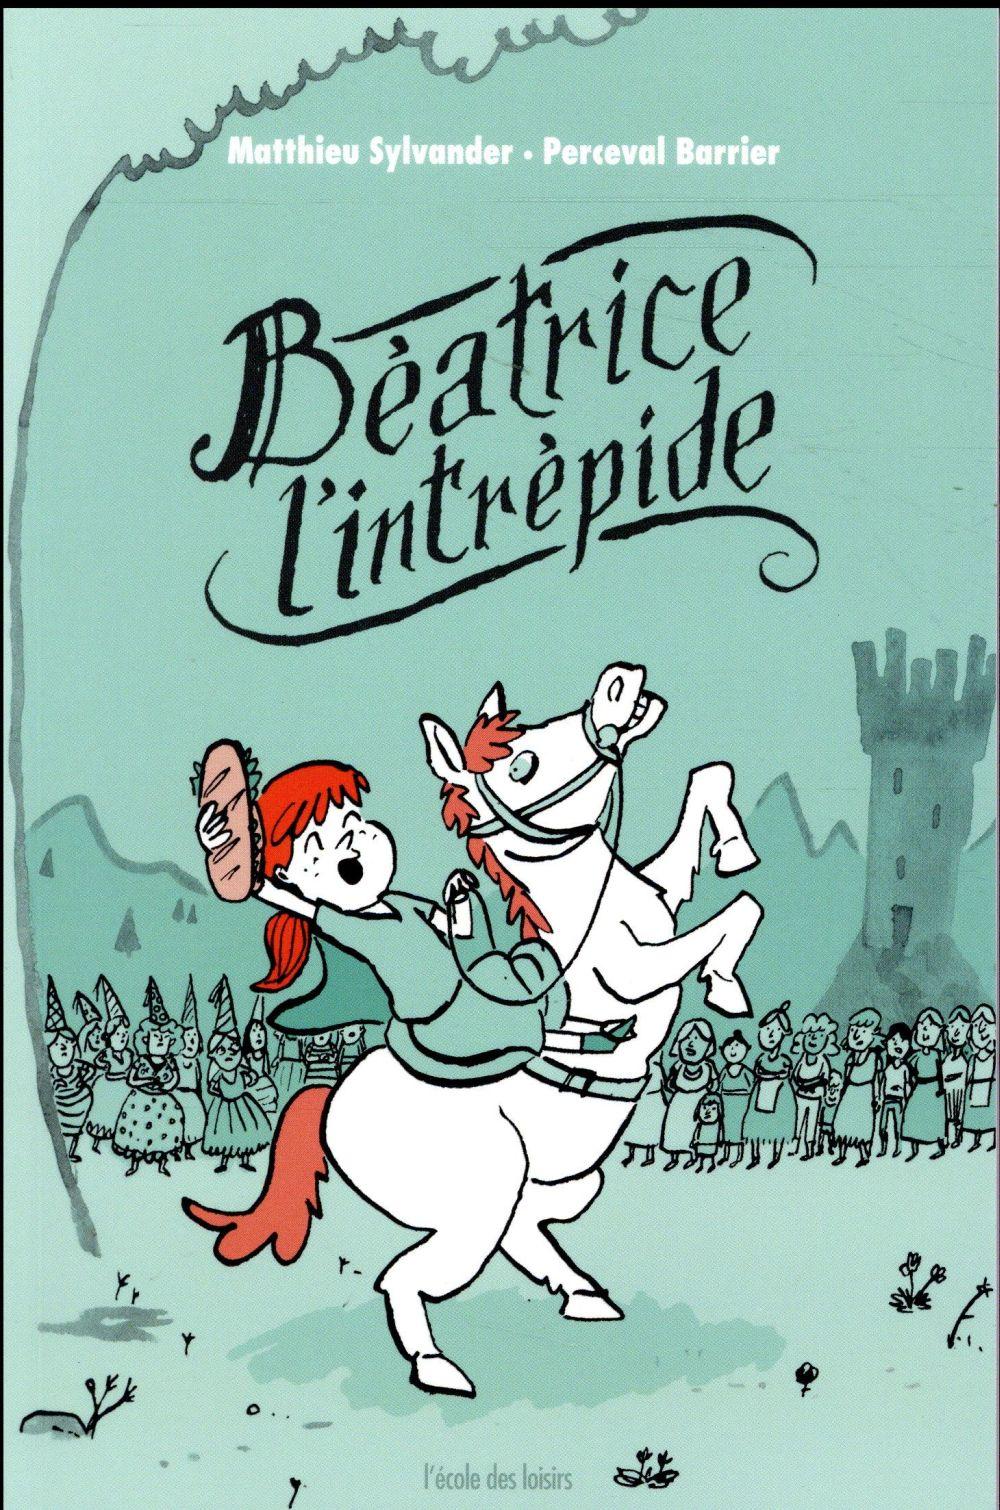 BEATRICE L'INTREPIDE (POCHE)